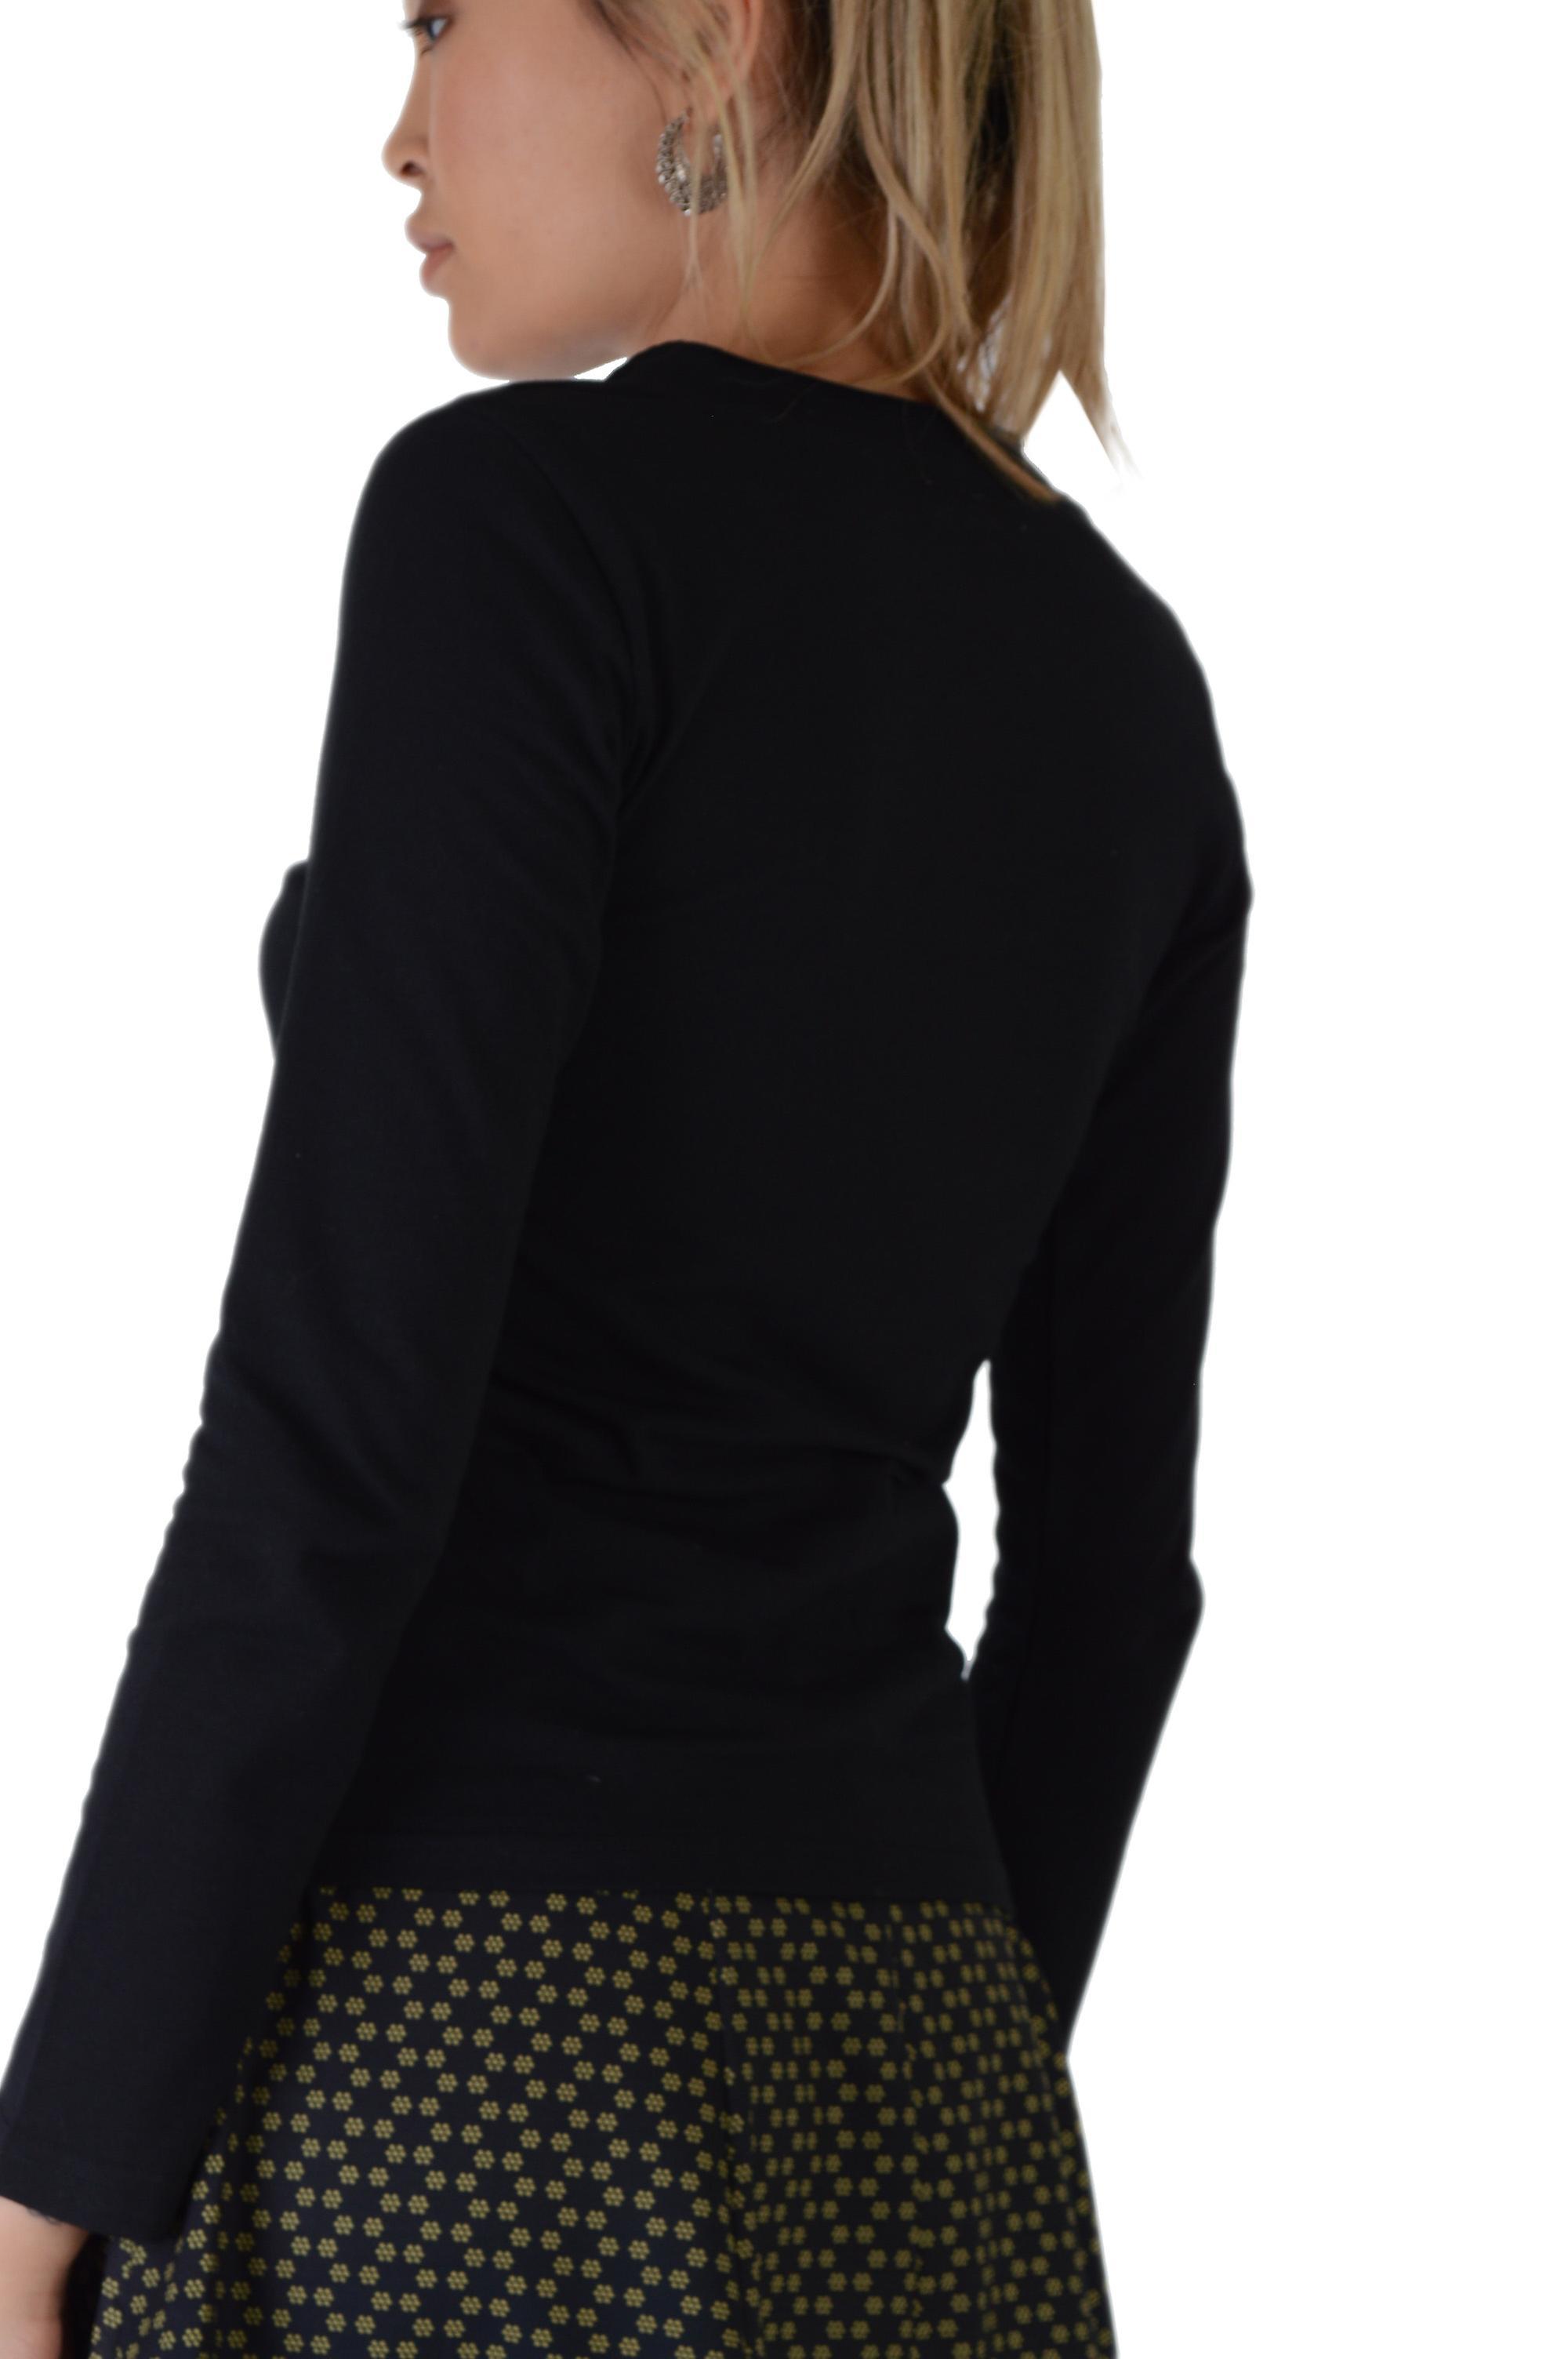 Lovemystyle Long Sleeved Black V-Neck T-Shirt - SAMPLE